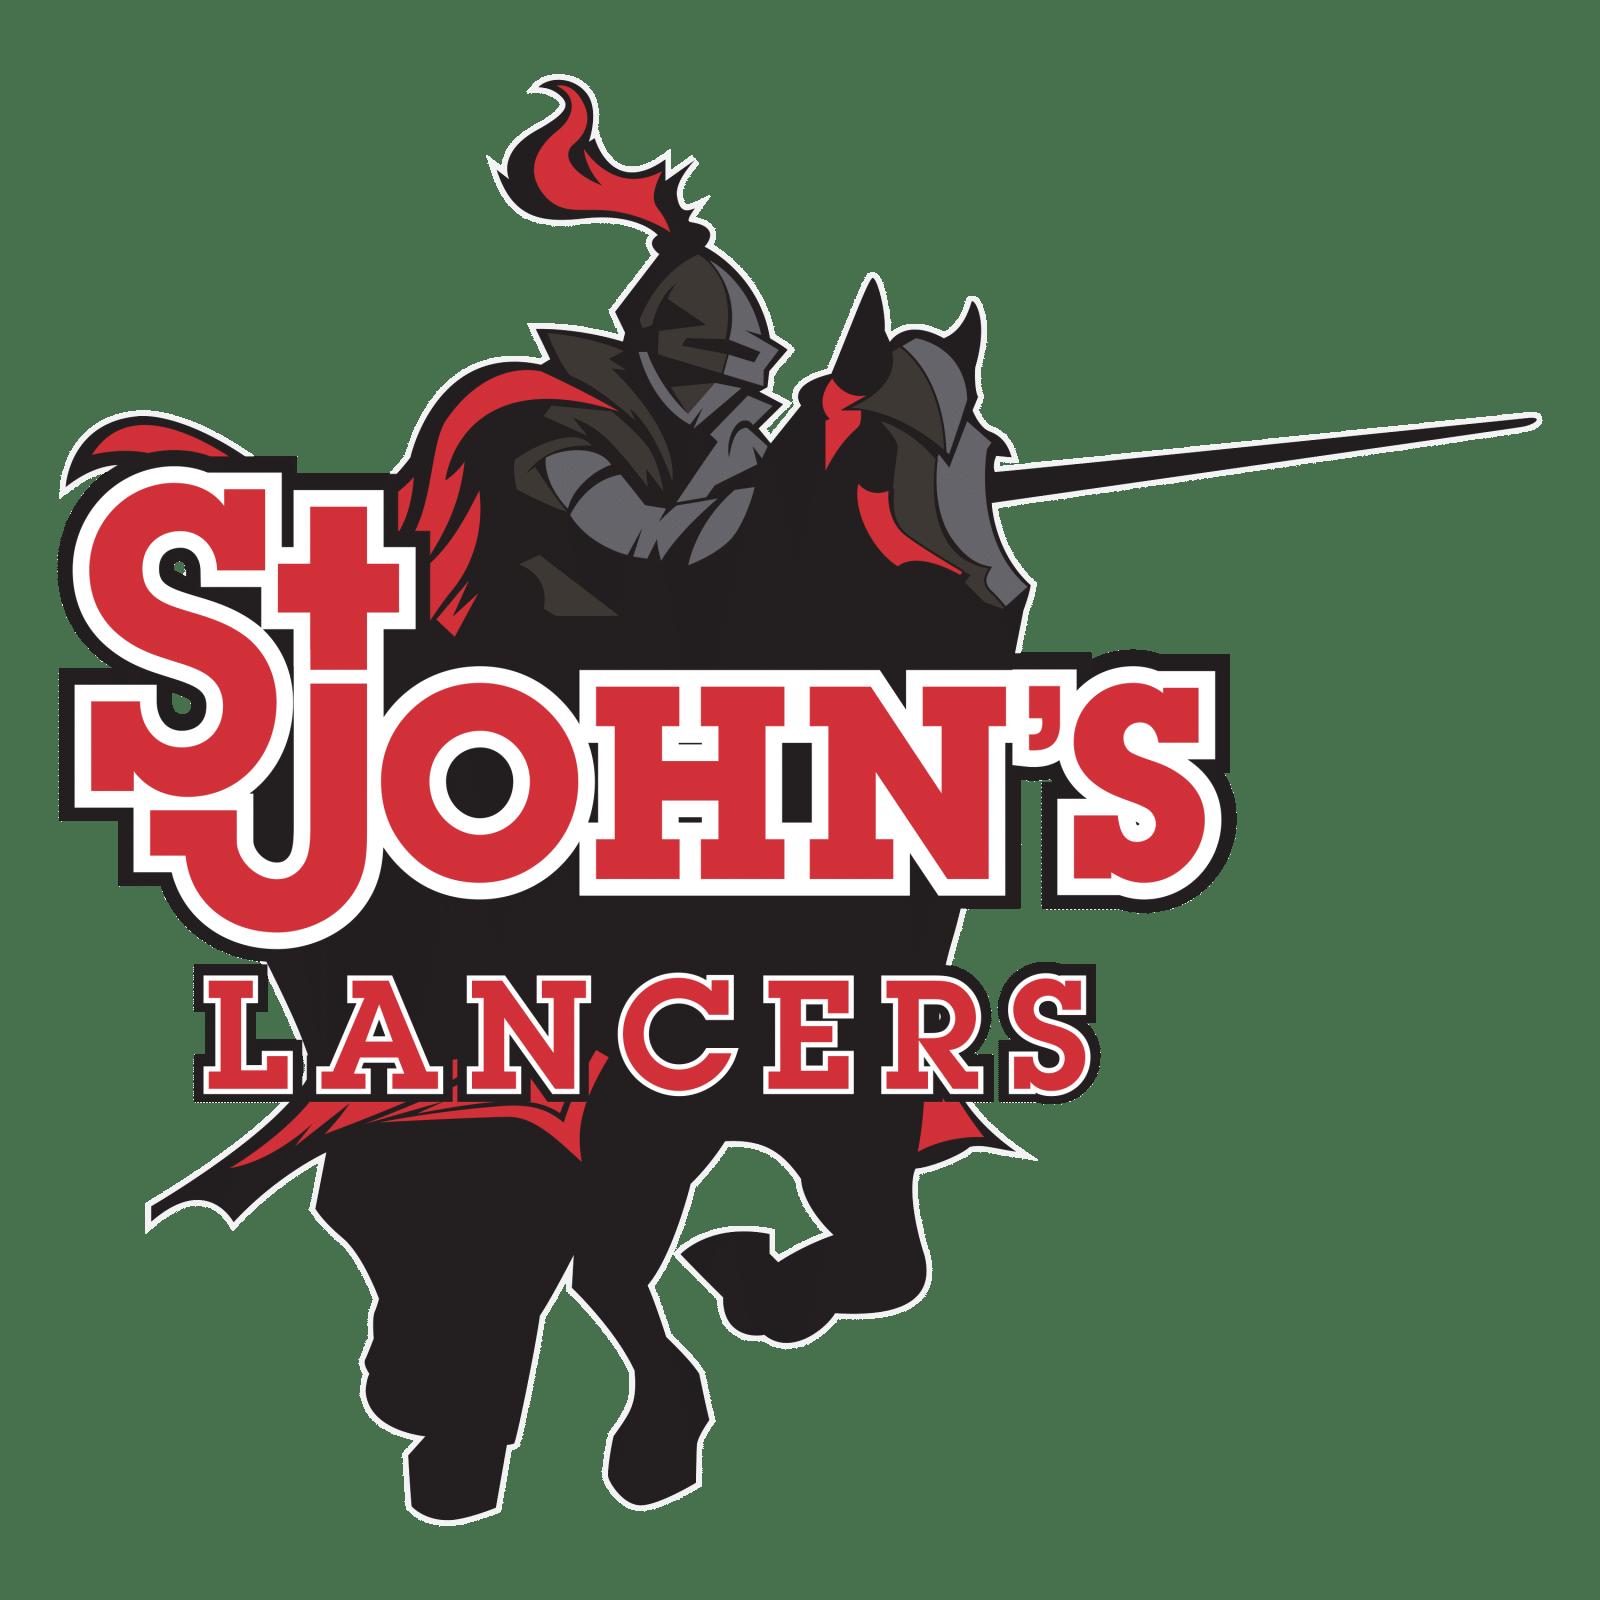 st johns lutheran, team spiritwear, dunns sporting goods